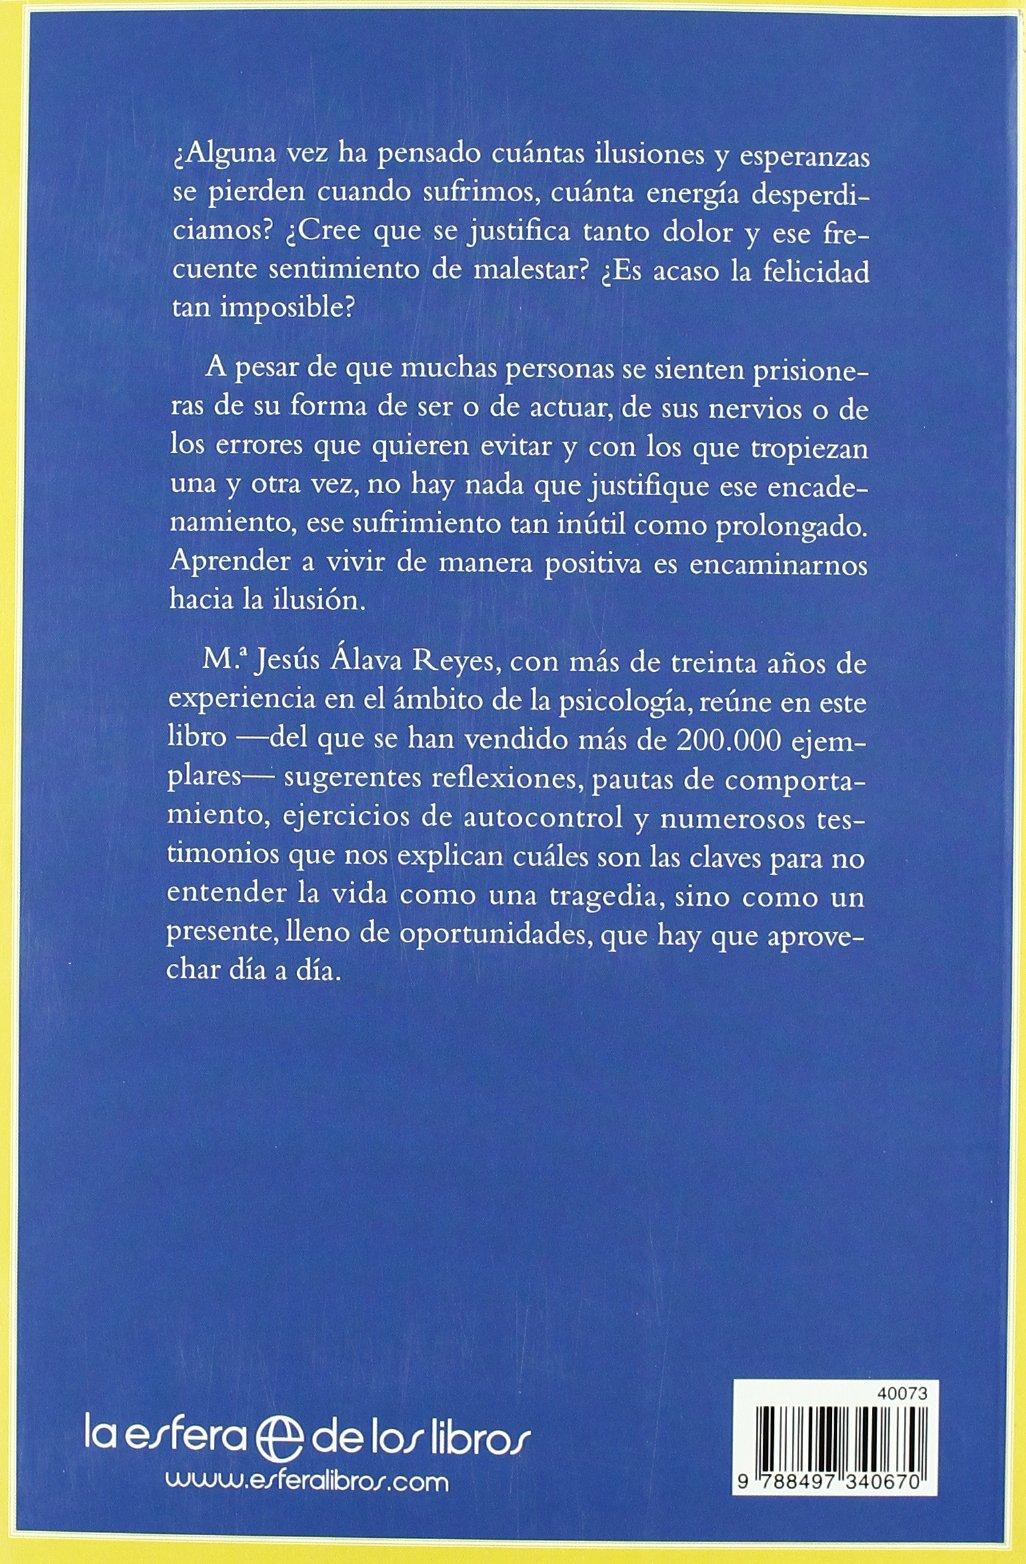 La inutilidad del sufrimiento: claves para aprender a vivir de manera  positiva Psicología y salud: Amazon.es: María Jesús Álava Reyes: Libros